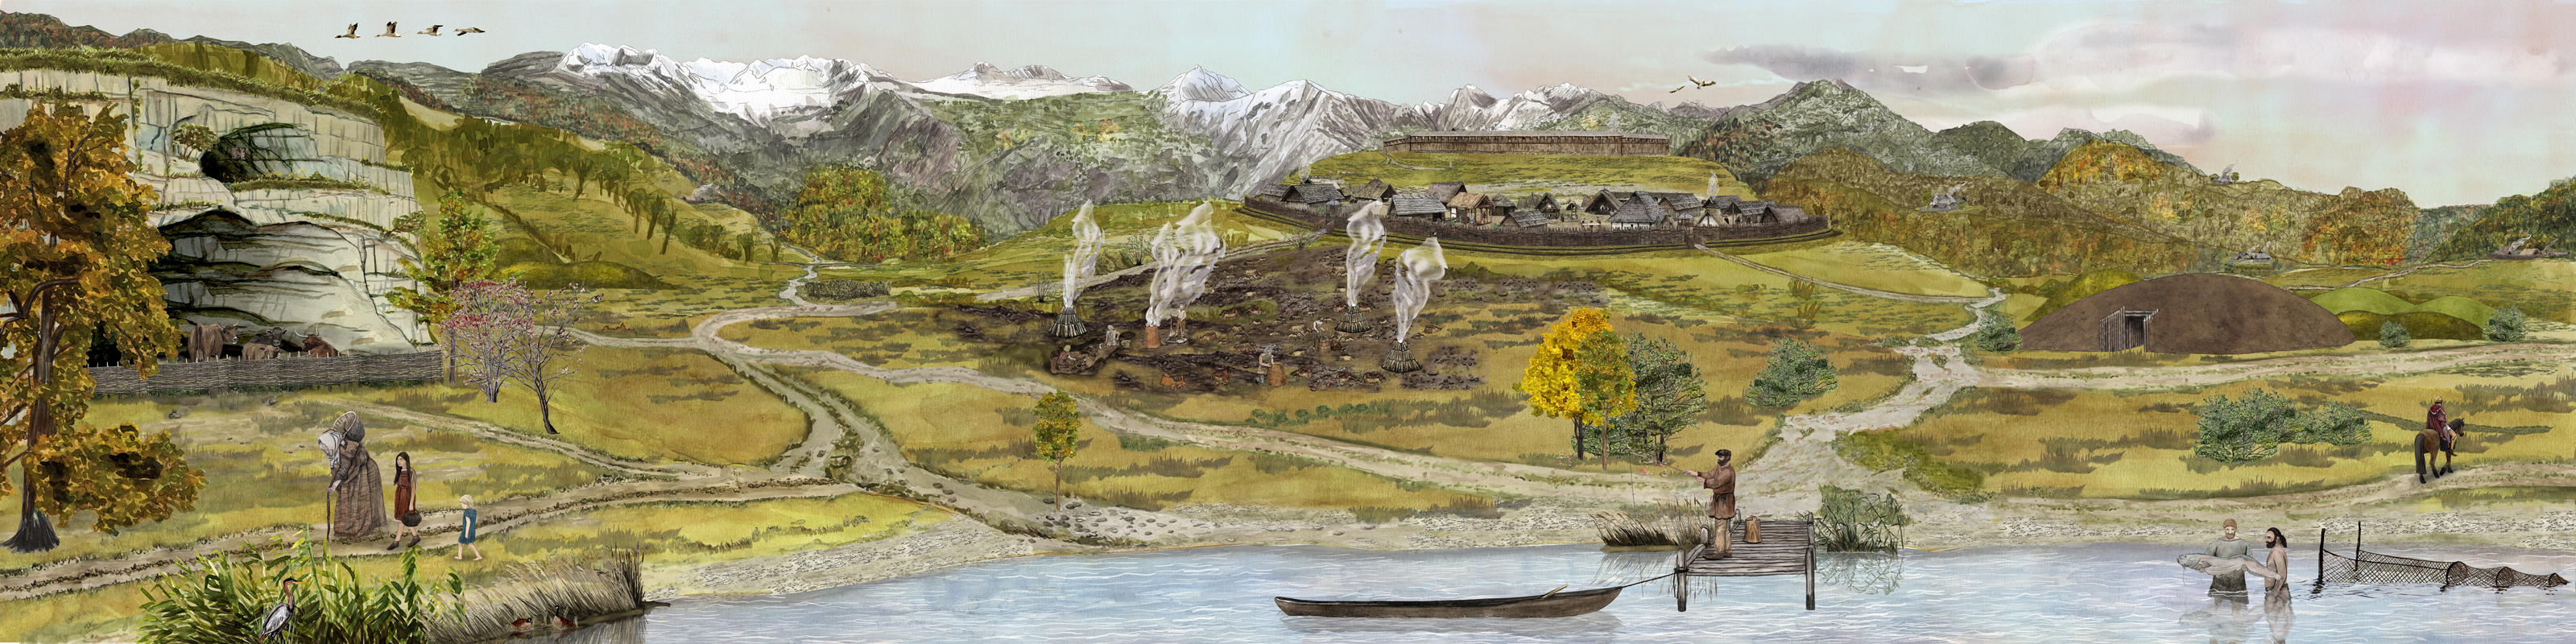 Eisenzeit, iron age